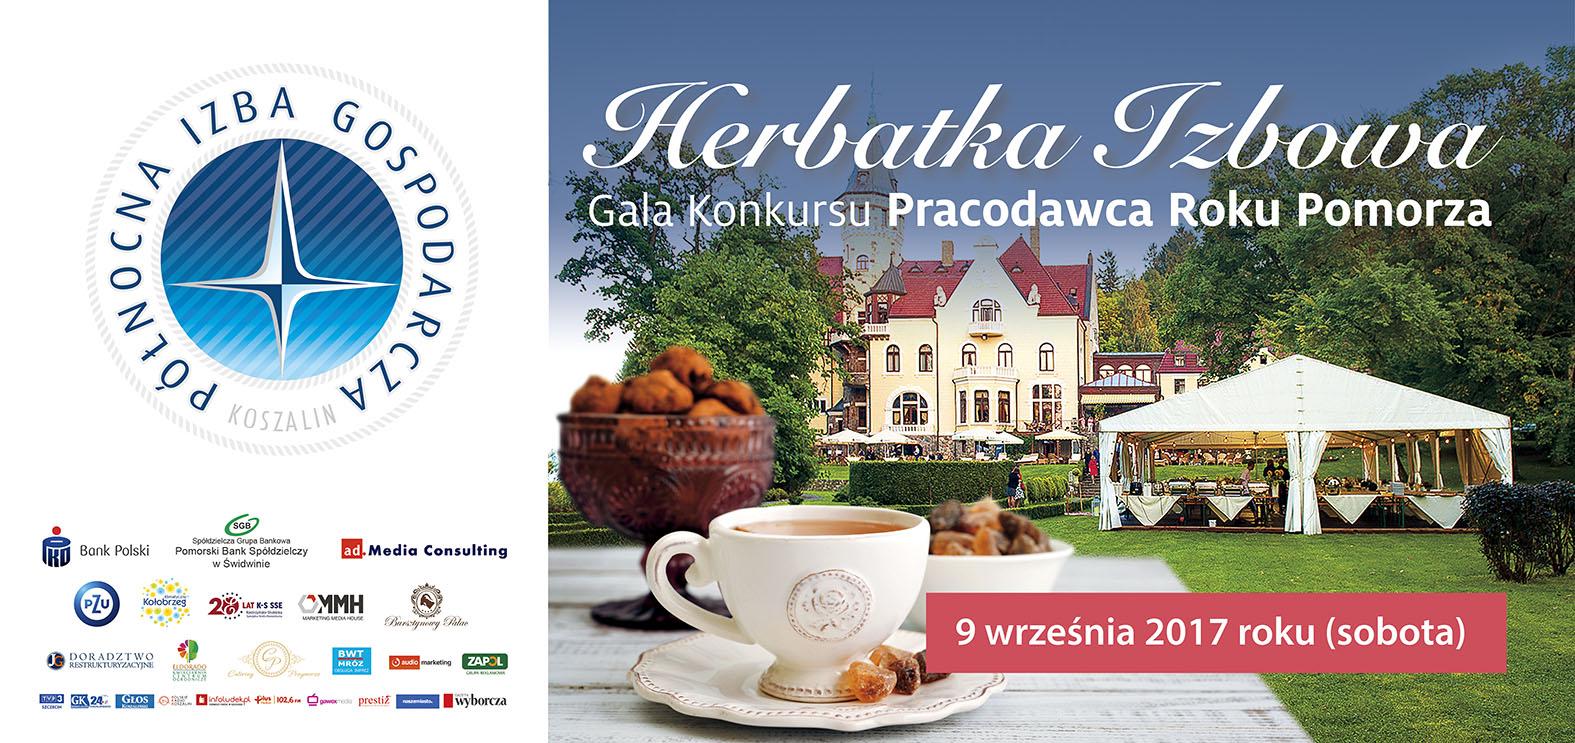 Herbatka Izbowa - Gala konkursu Pracodawca Roku Pomorza